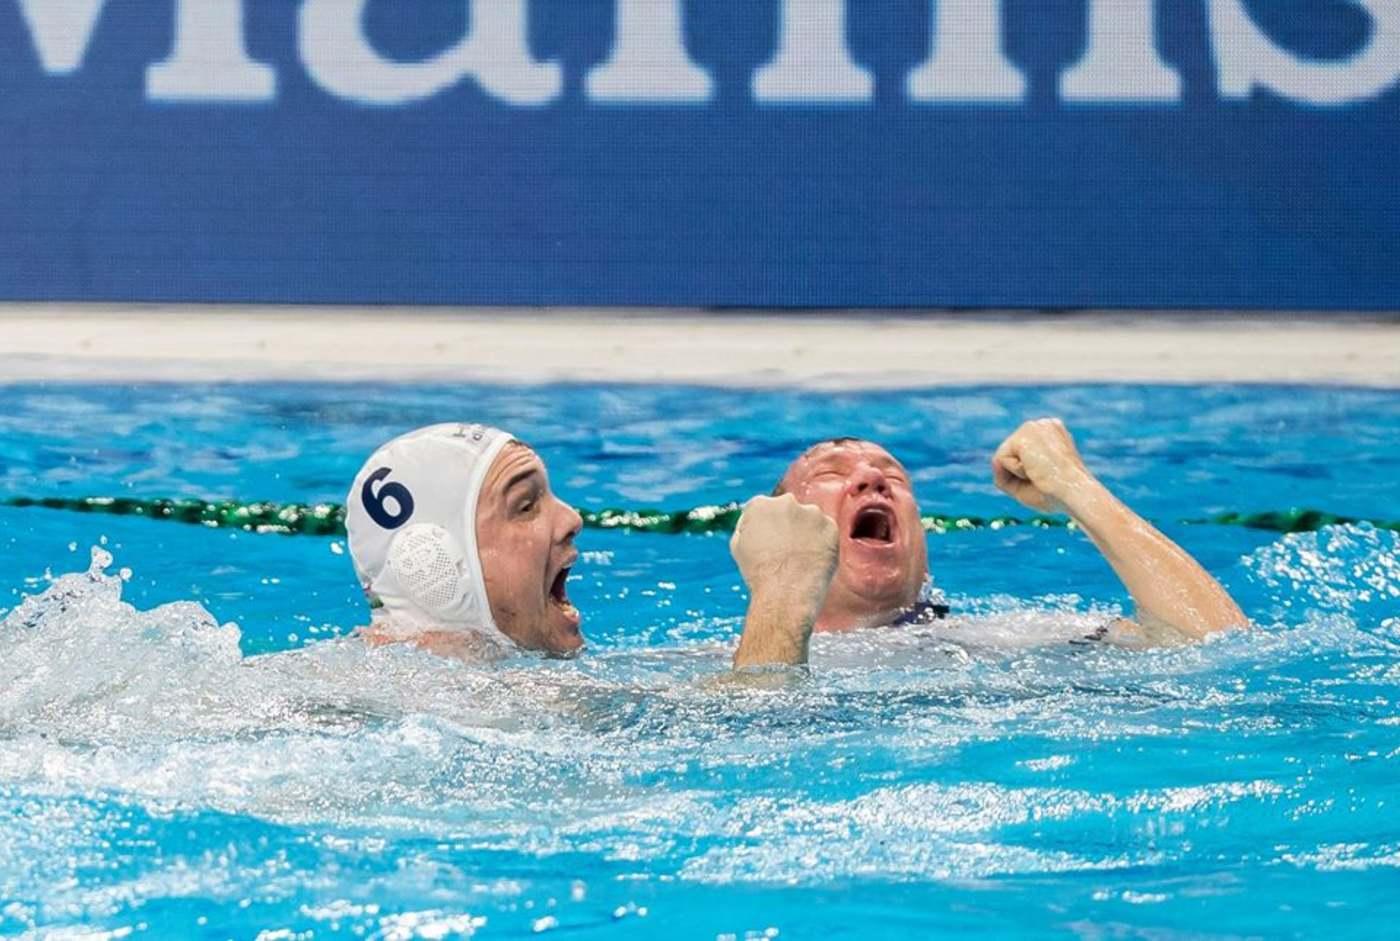 Európa-bajnok a férfi vízilabada-válogatott